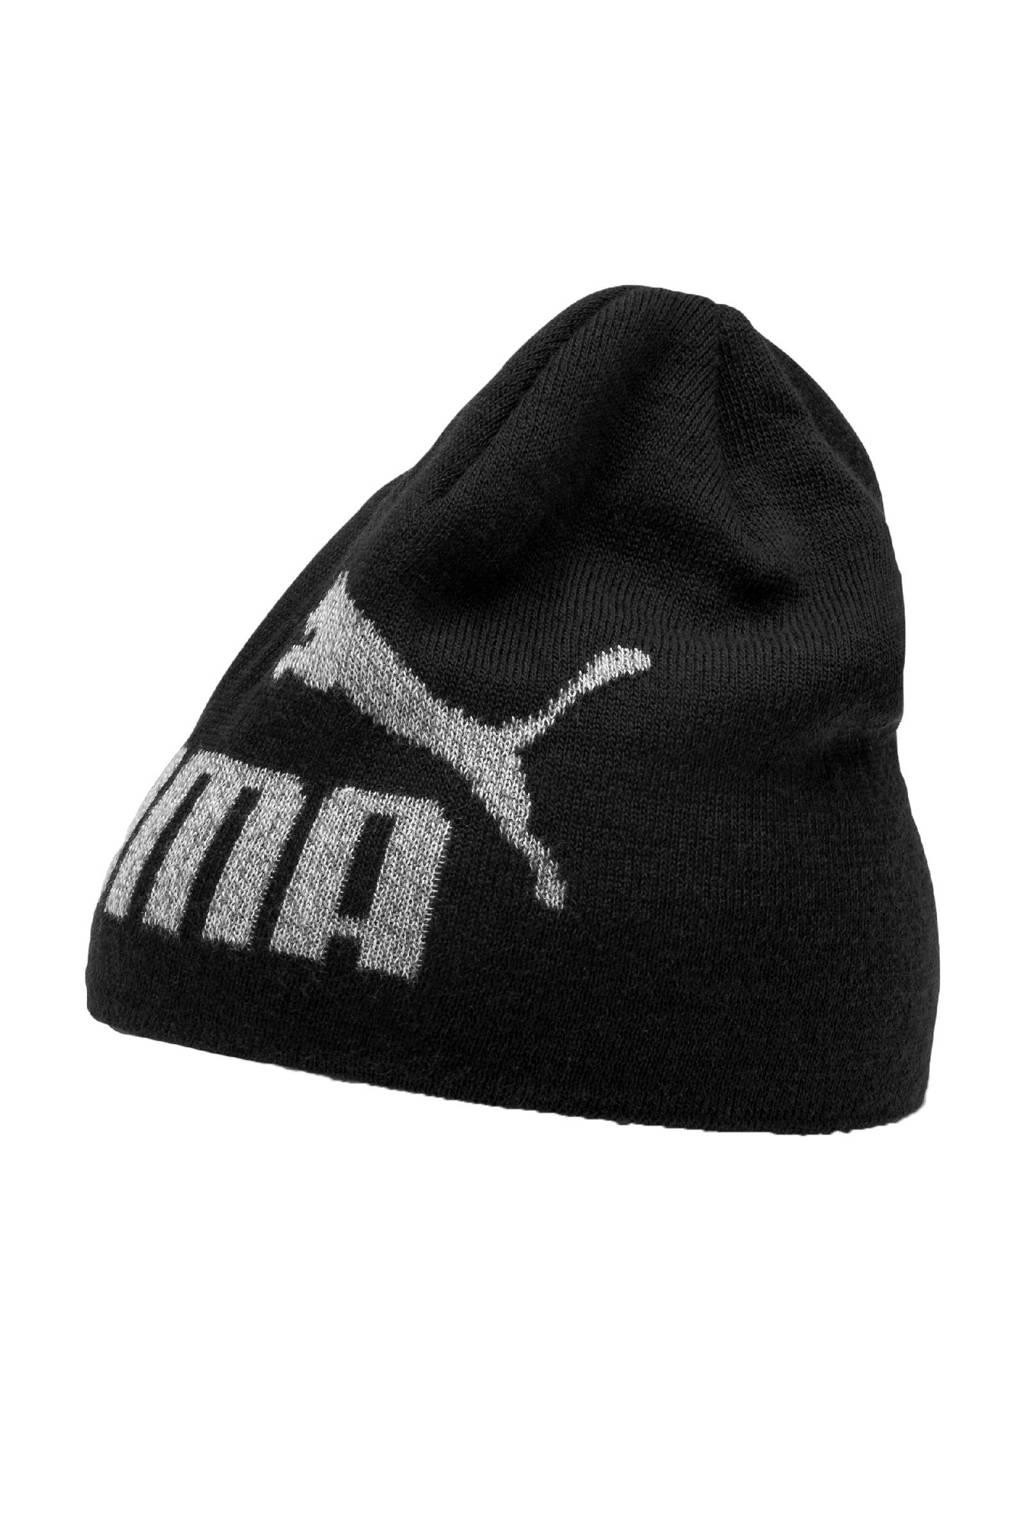 Puma muts met logo opdruk zwart, Zwart/ecru